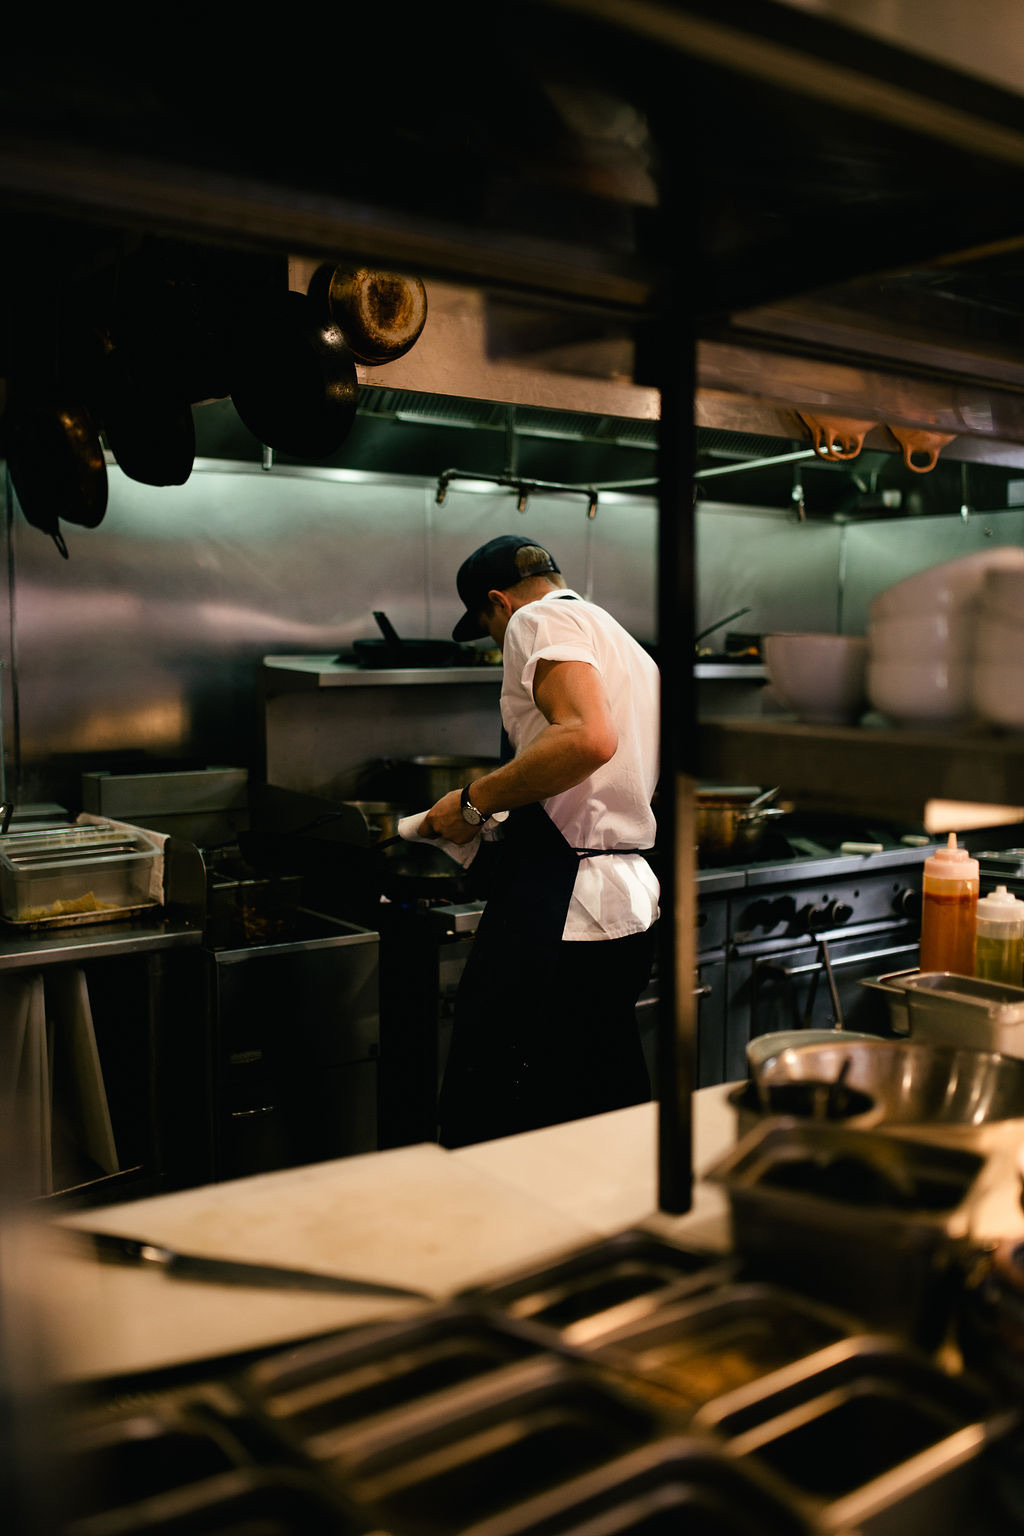 restaurant photography / by Maggie Braucher